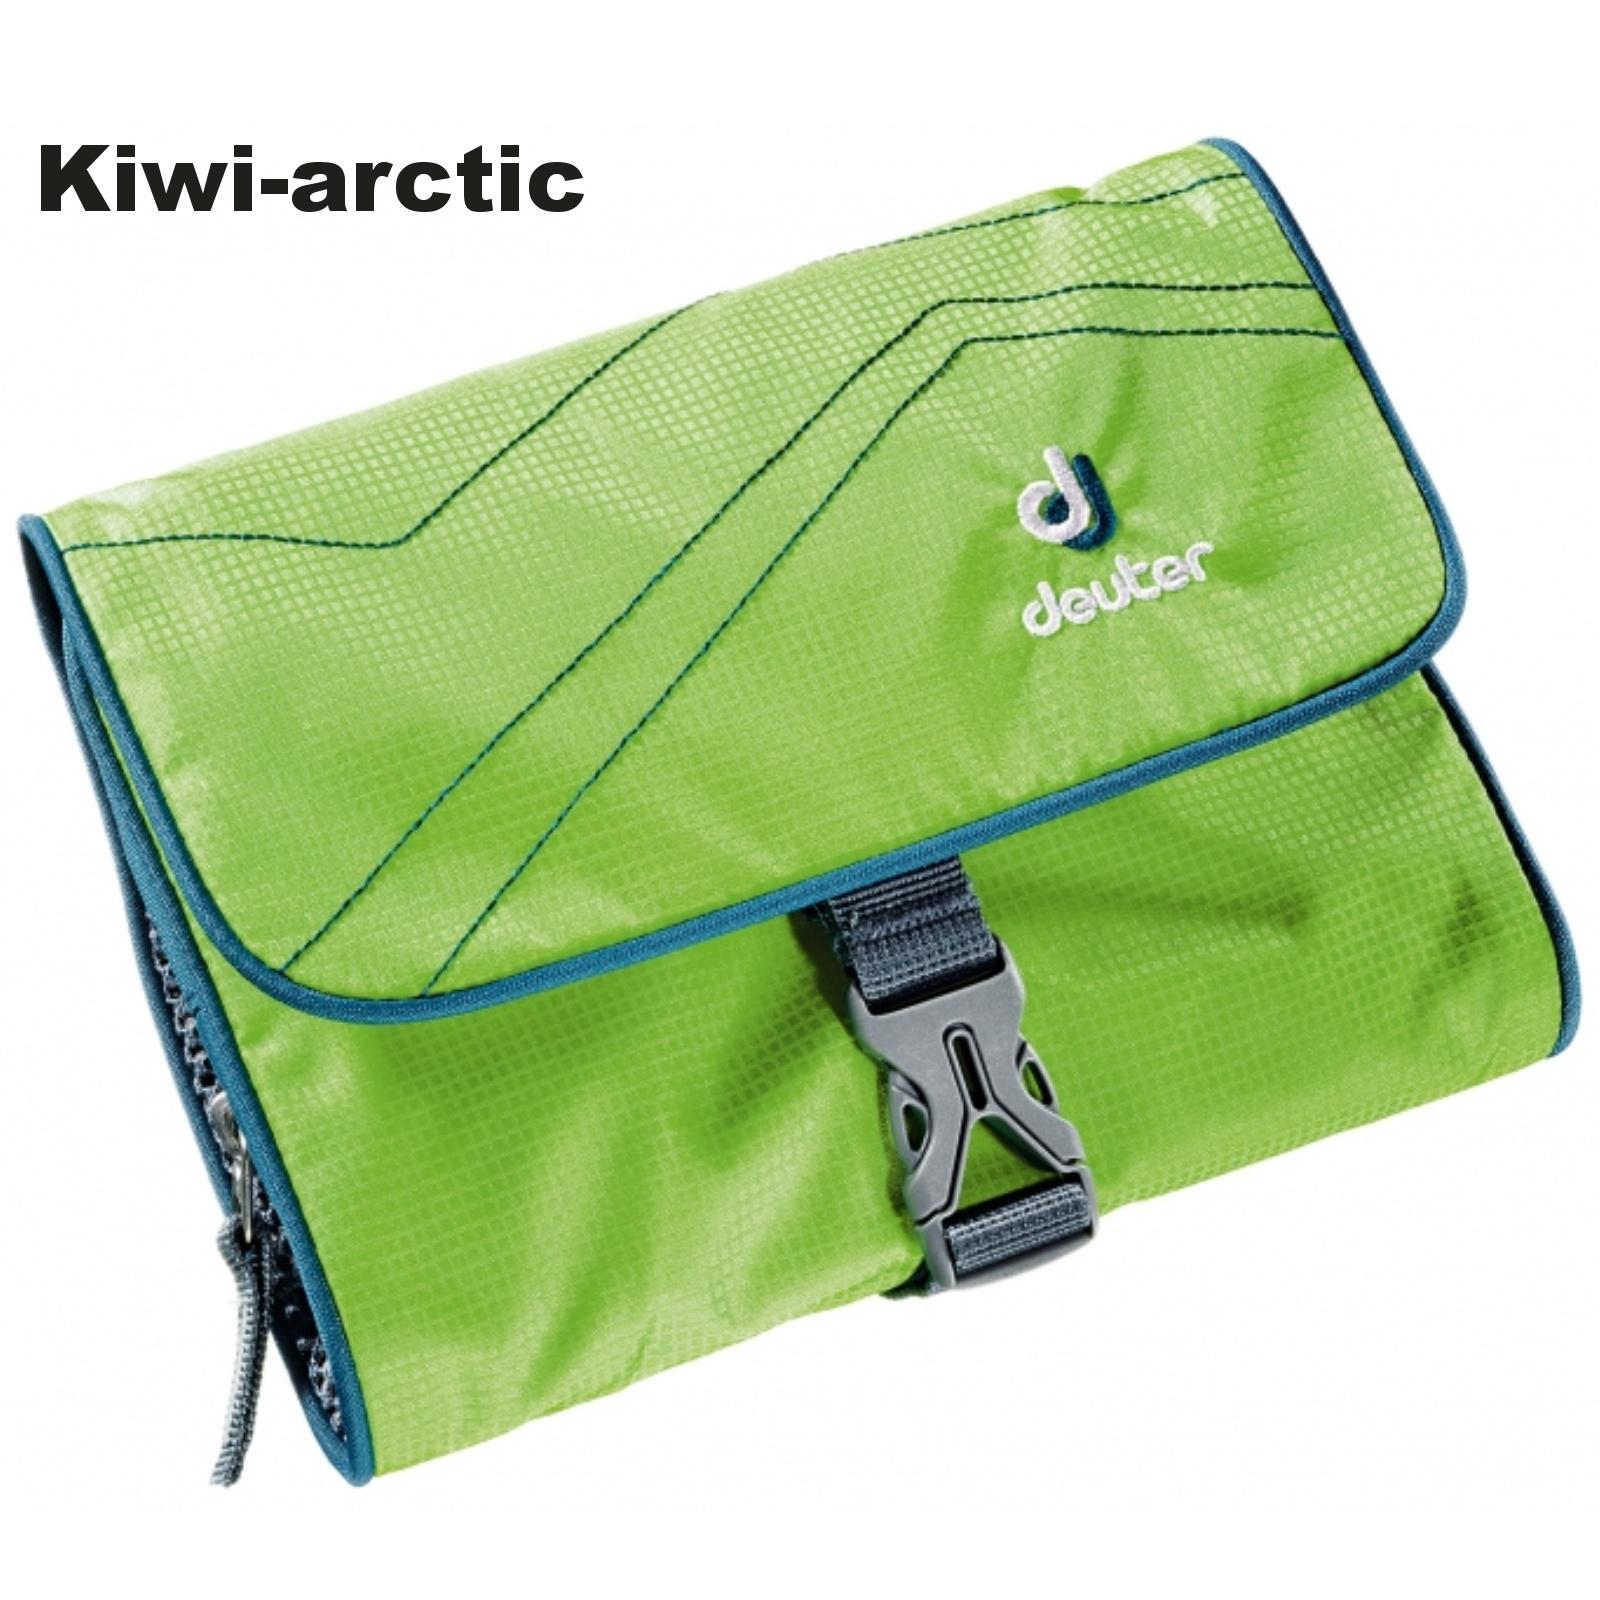 Toaletní taška DEUTER Wash Bag I - kiwi-arctic